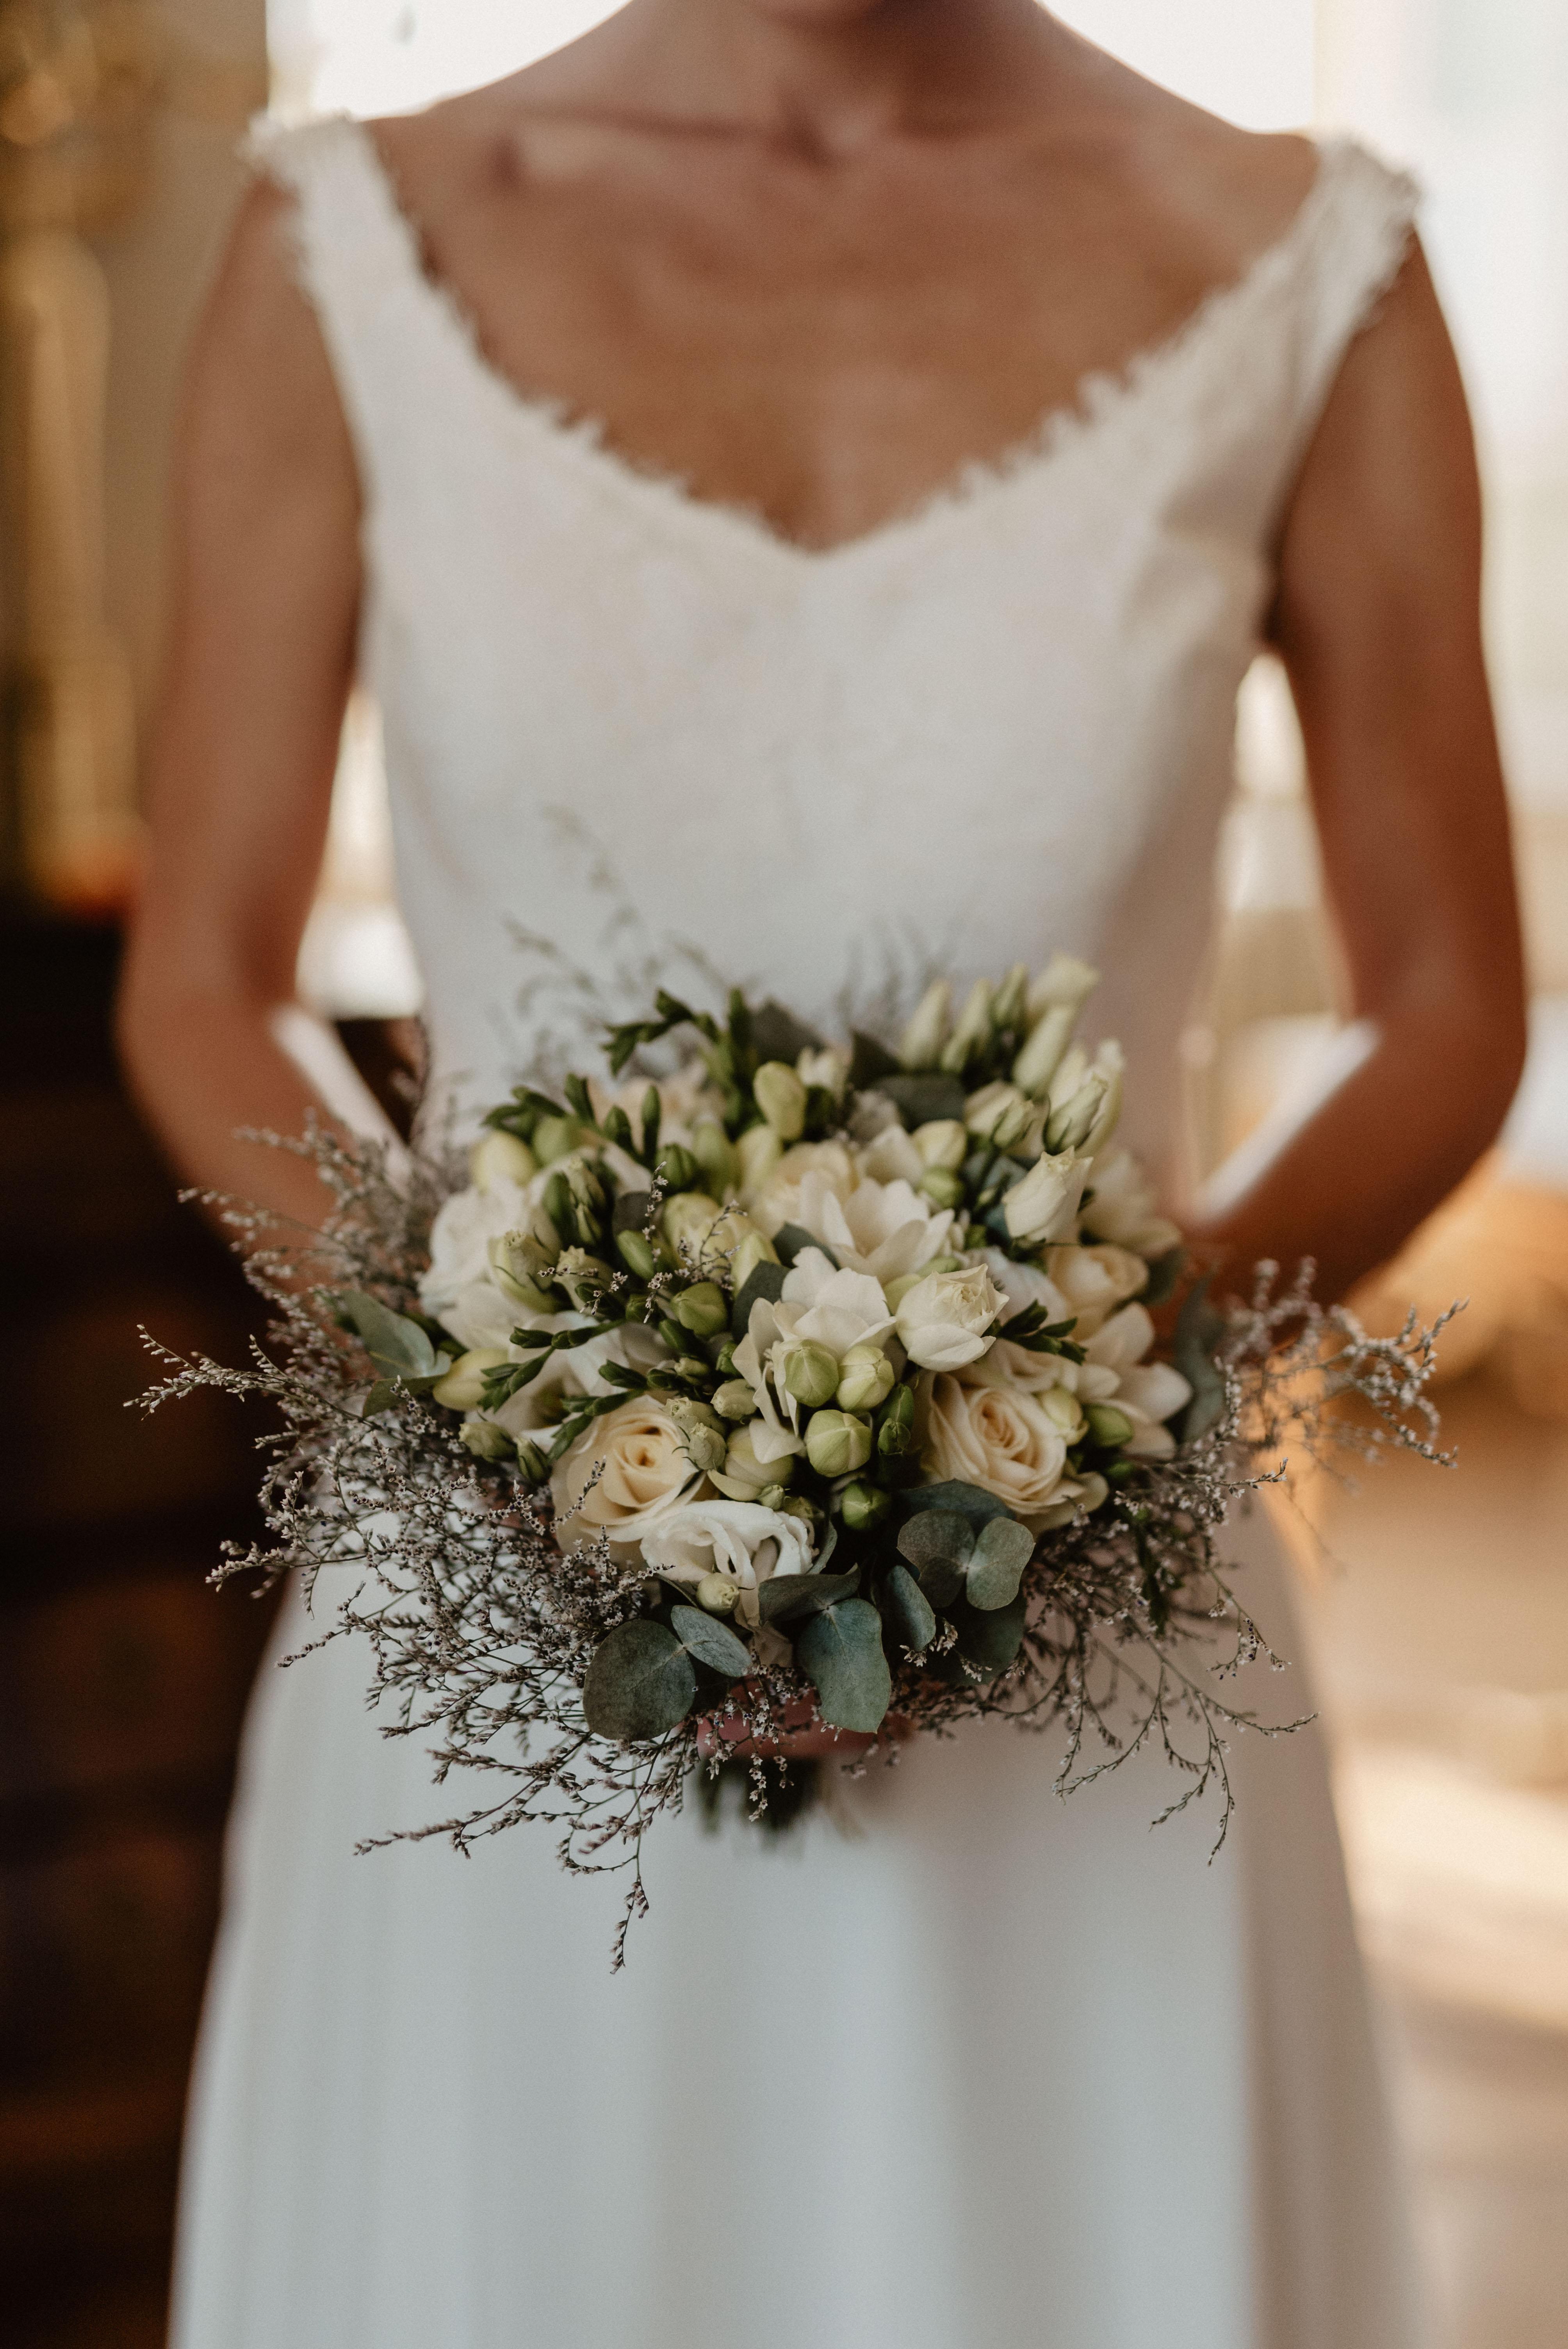 Bouquet de mariée chateau de Vallery cérémonie laïque arche mariage fleuriste mariage chateau de Vallery Paris décoration florale fleurs mariage mariage fleurs d'un jour